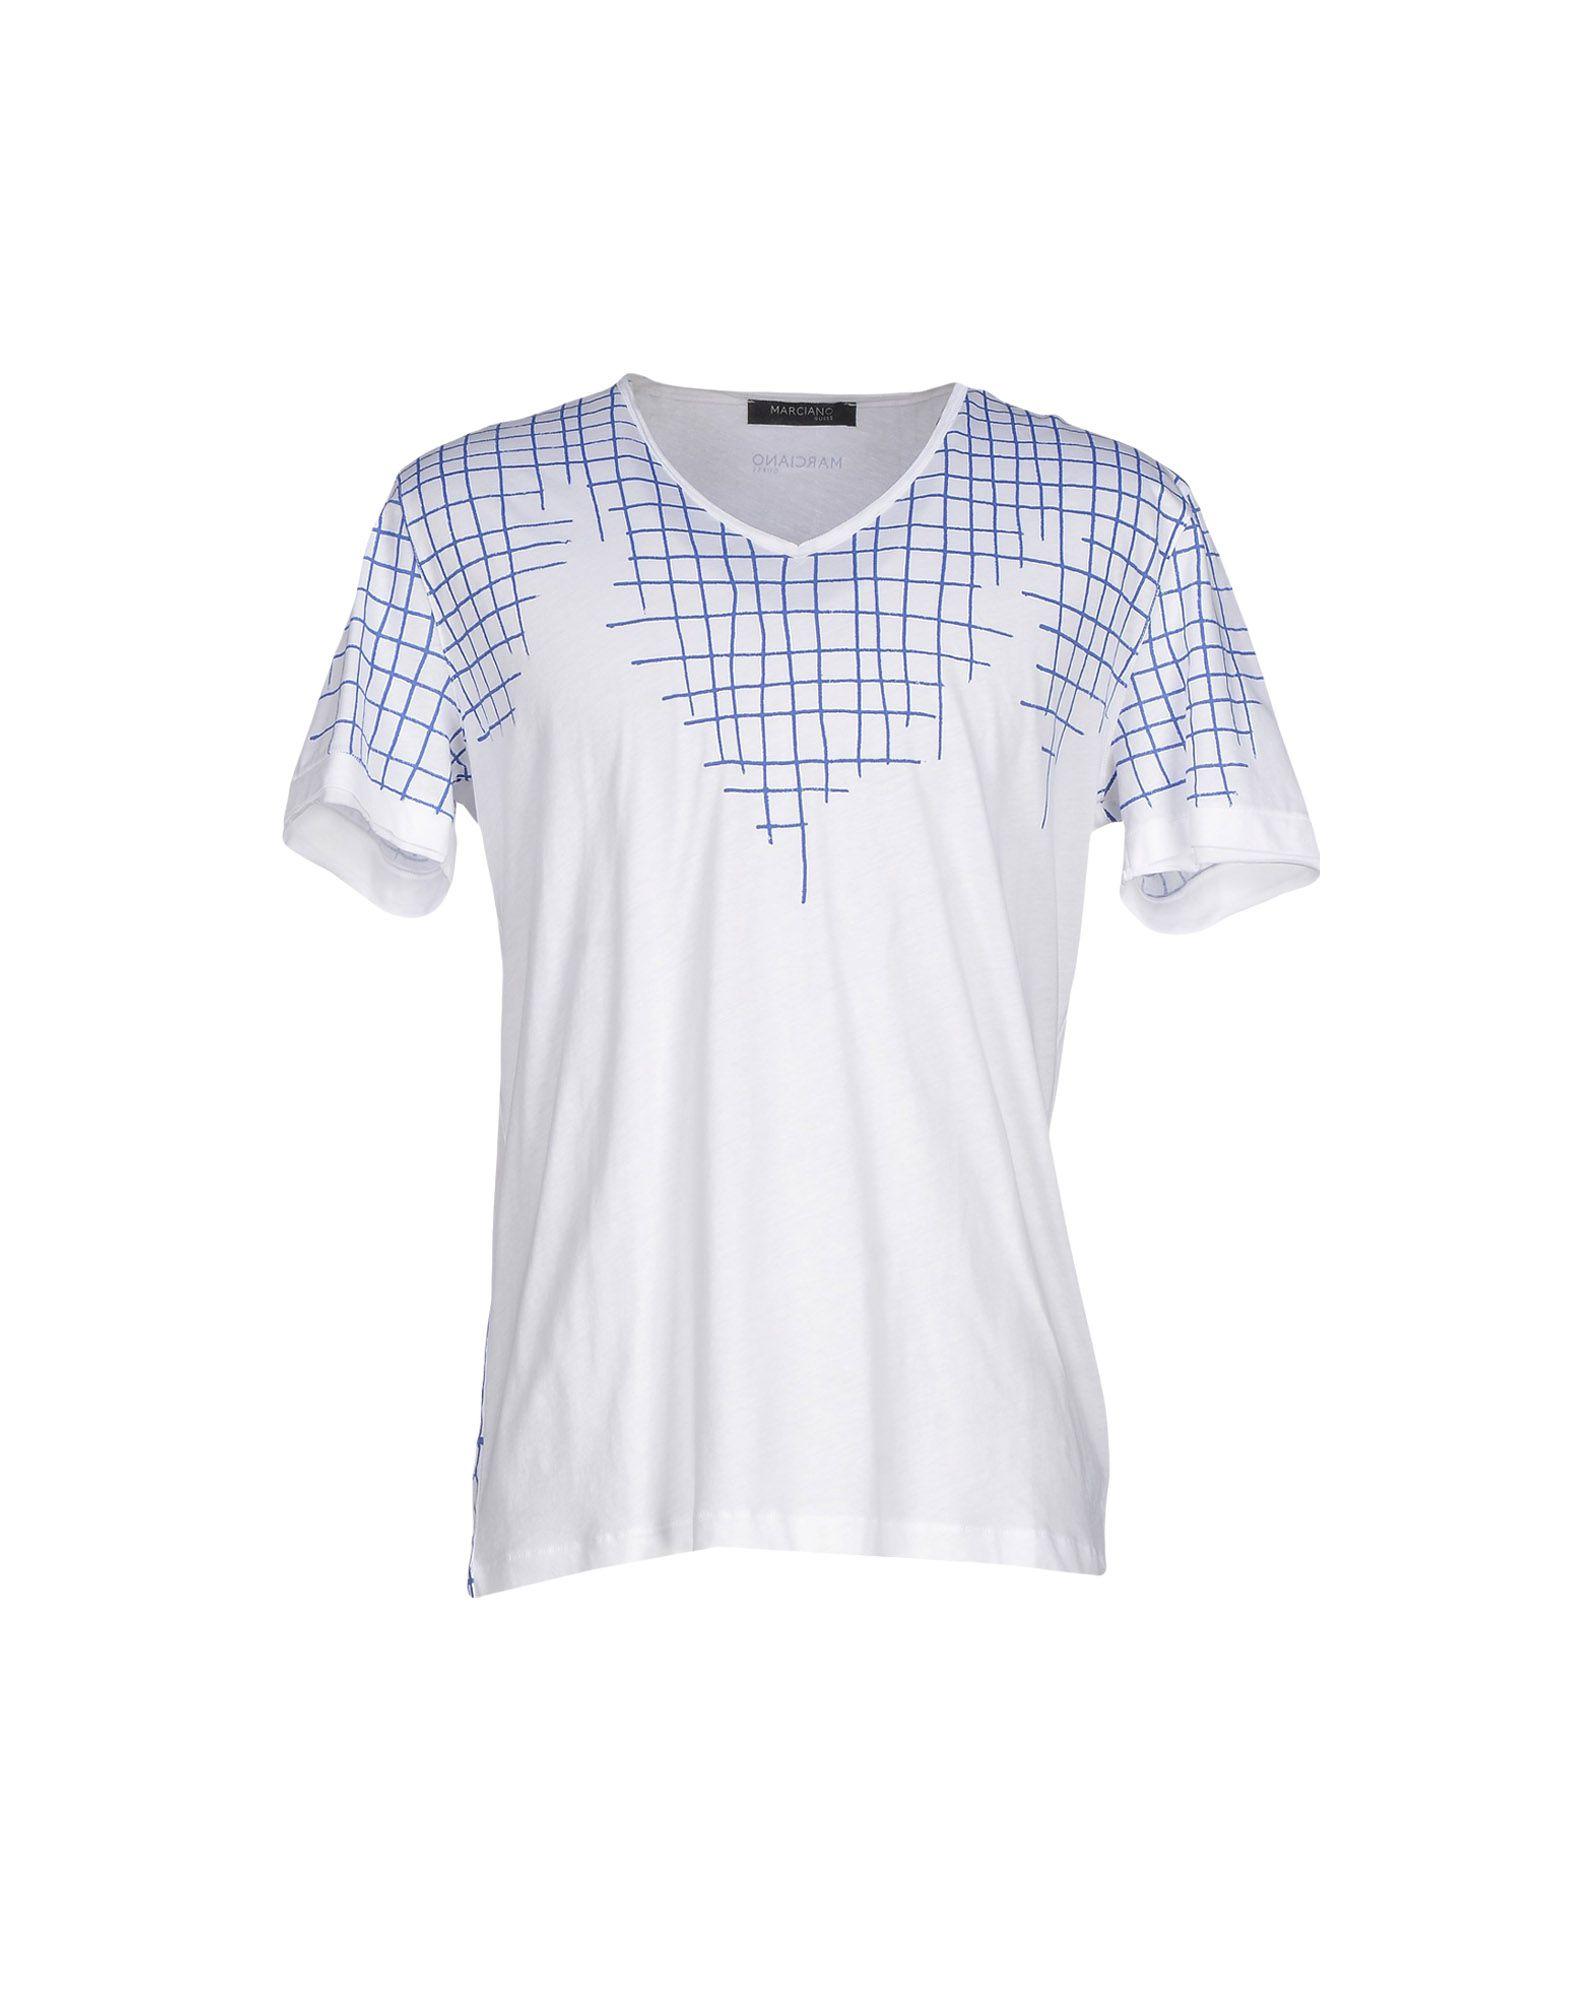 T-Shirt Guess By Marciano Uomo Uomo Uomo - 37818679OQ e7c9d2